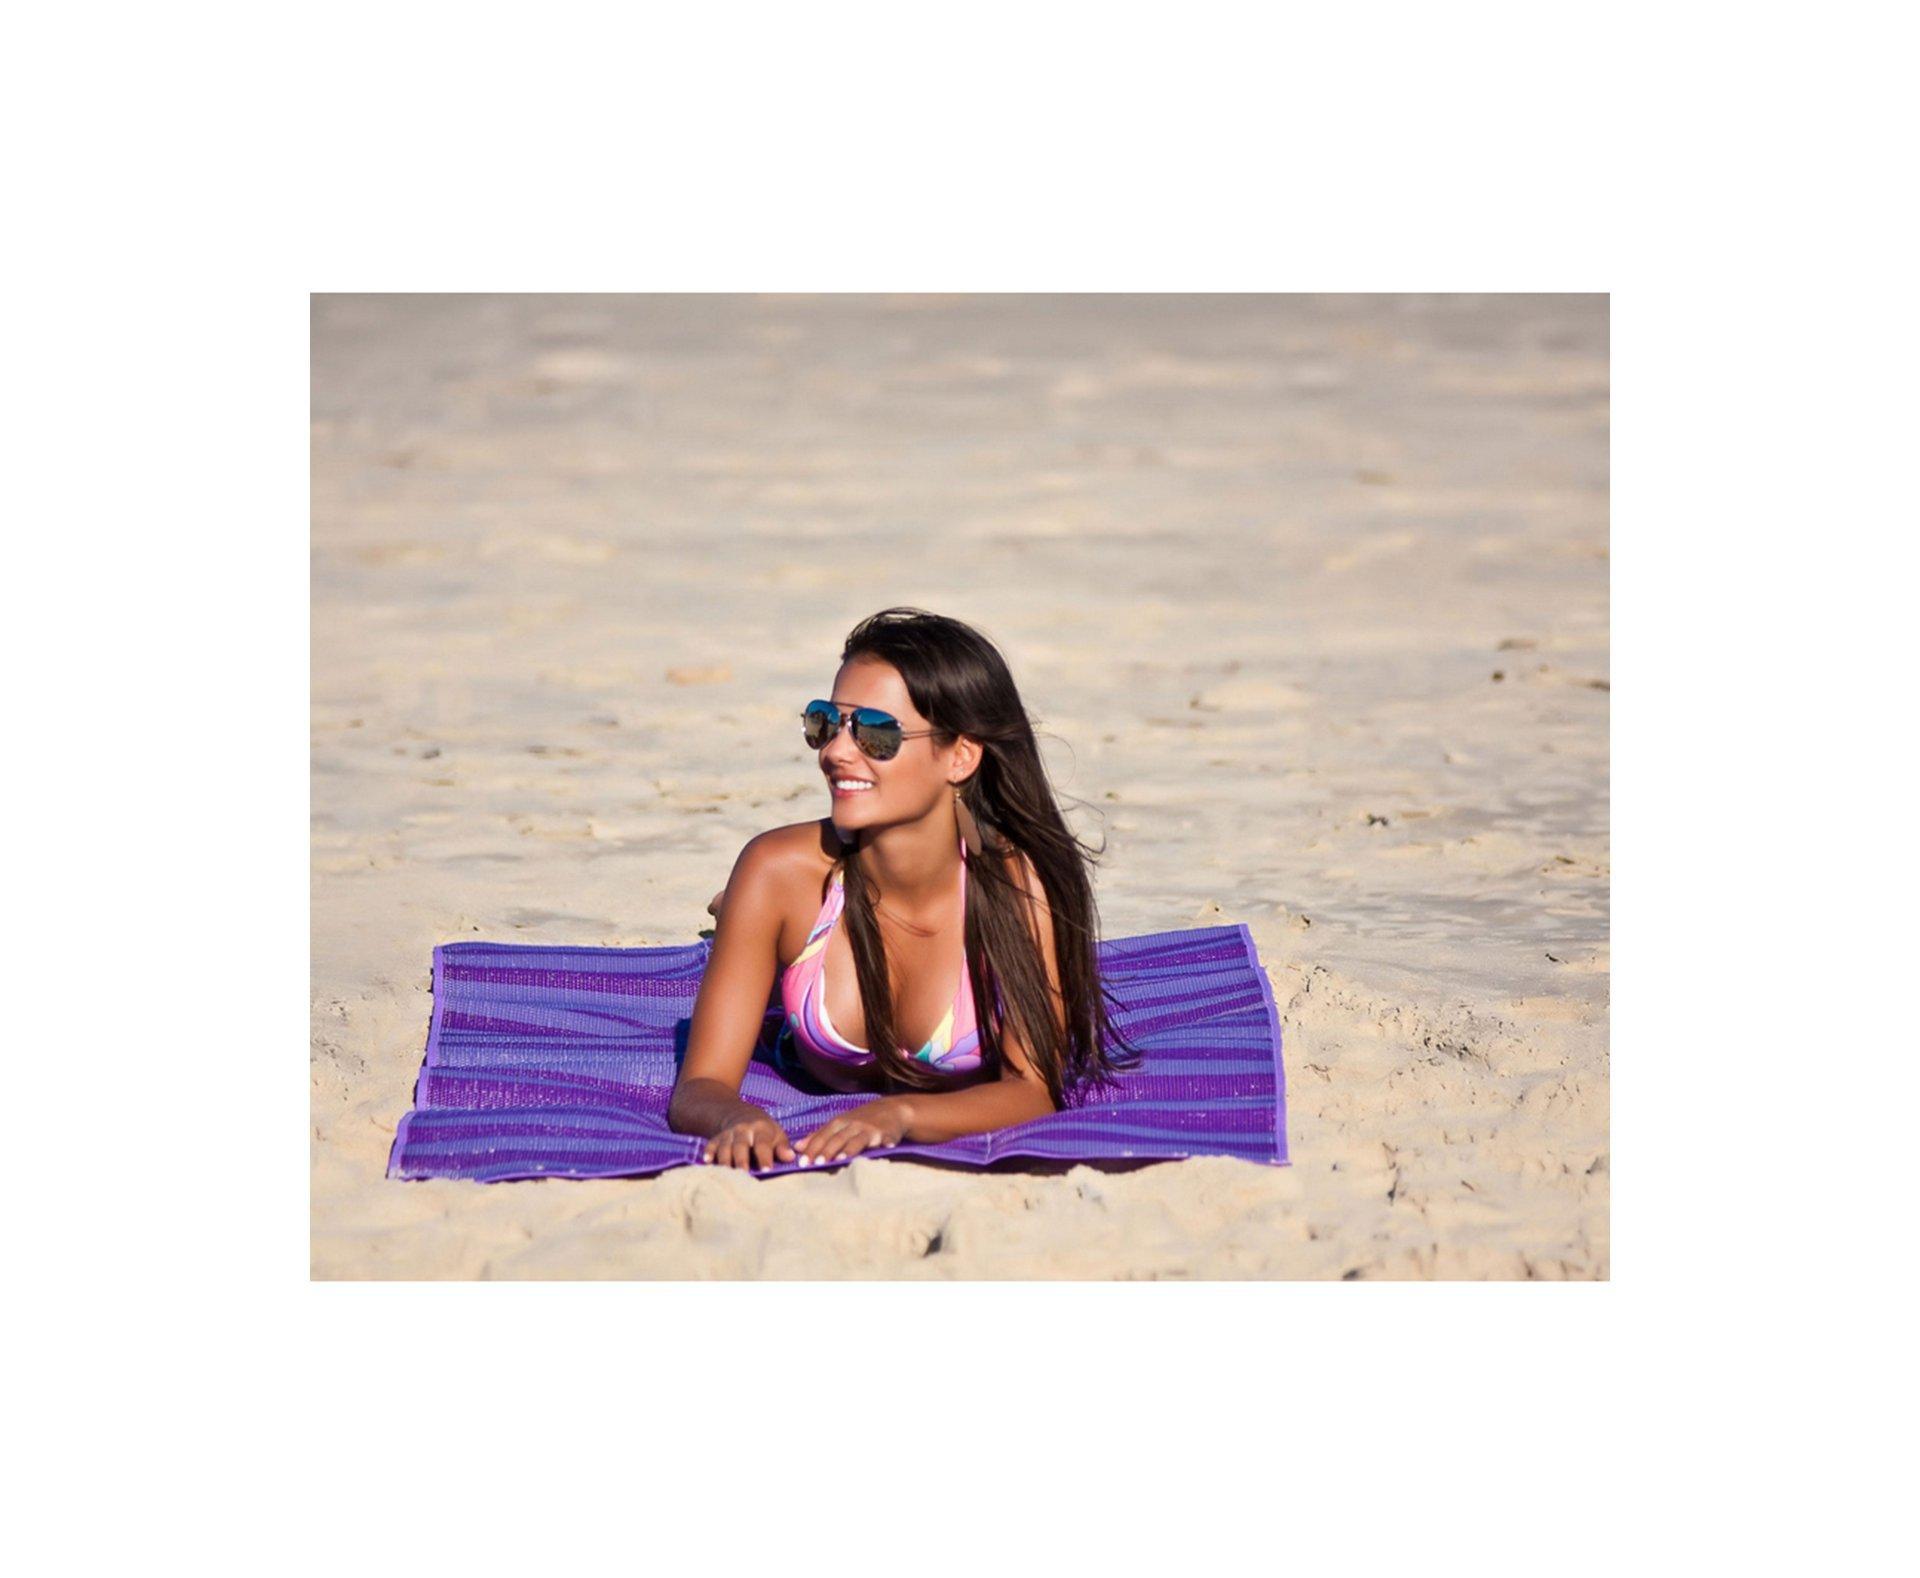 Esteira De Praia Dobrável Laranja 90x180 - Mor